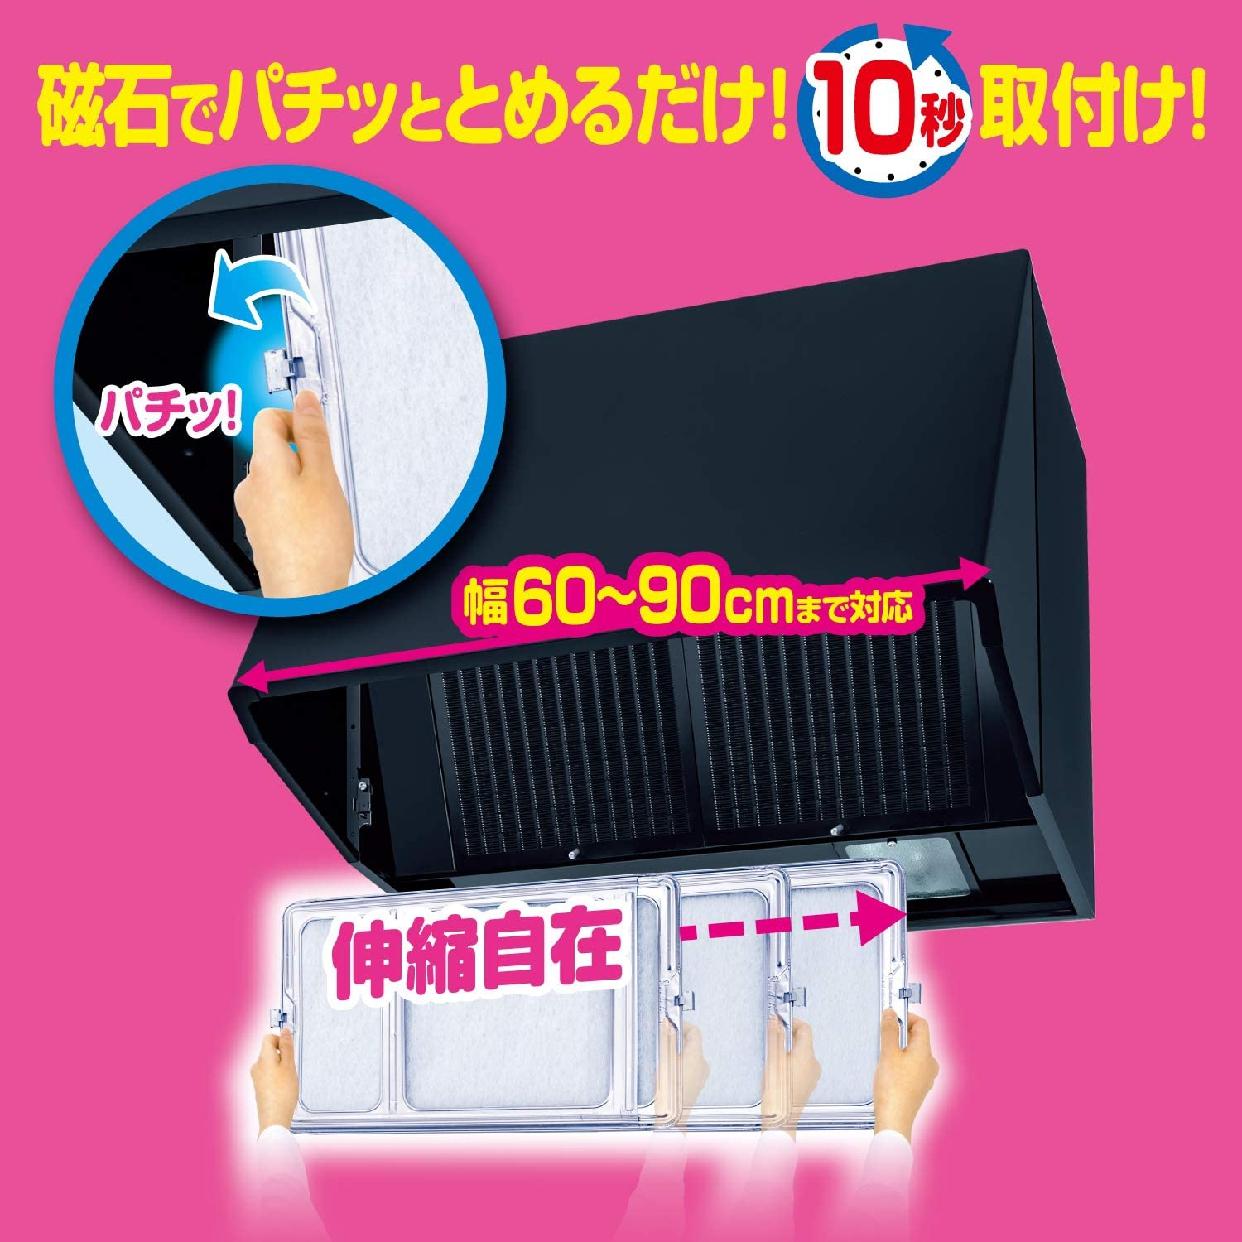 東洋アルミ(トウヨウアルミ)ワンタッチ レンジフードカバー 60~90cm用 1枚入 S2507の商品画像2